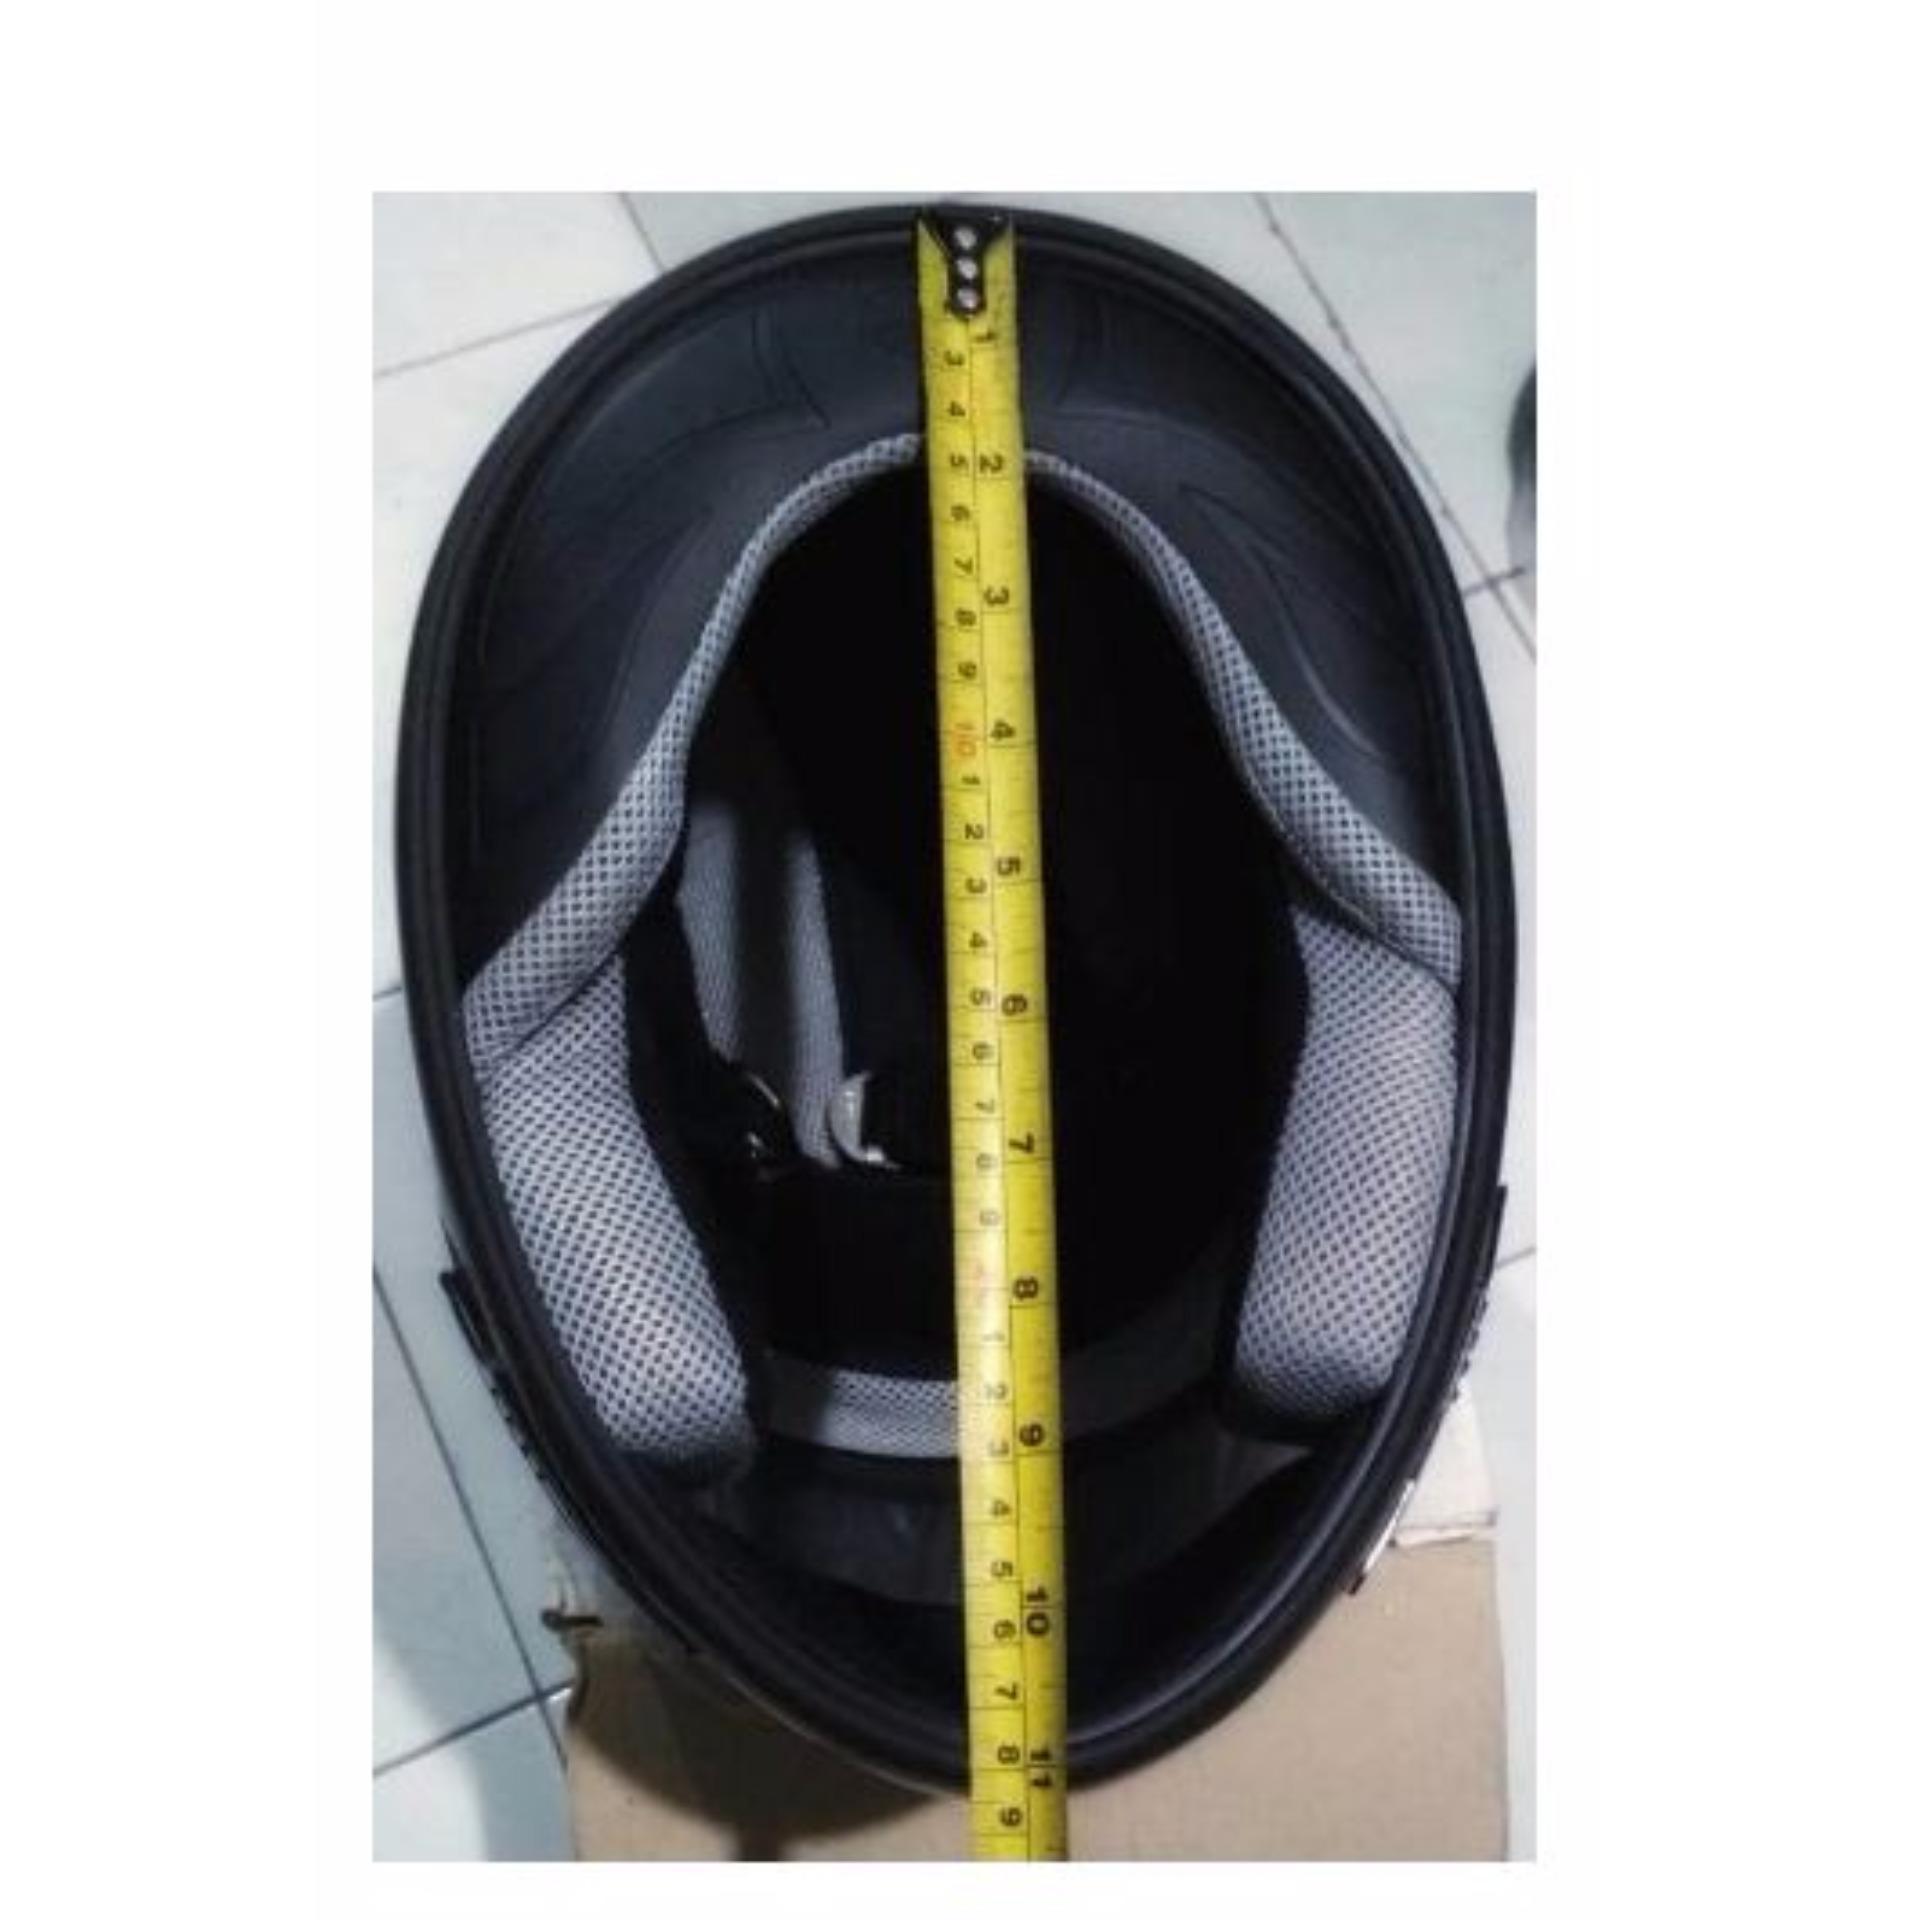 Daftar Harga Helm Full Face New Suzuki Thunder Terendah Snail Mx309 Motocross Motif Skull Hitam Kilap